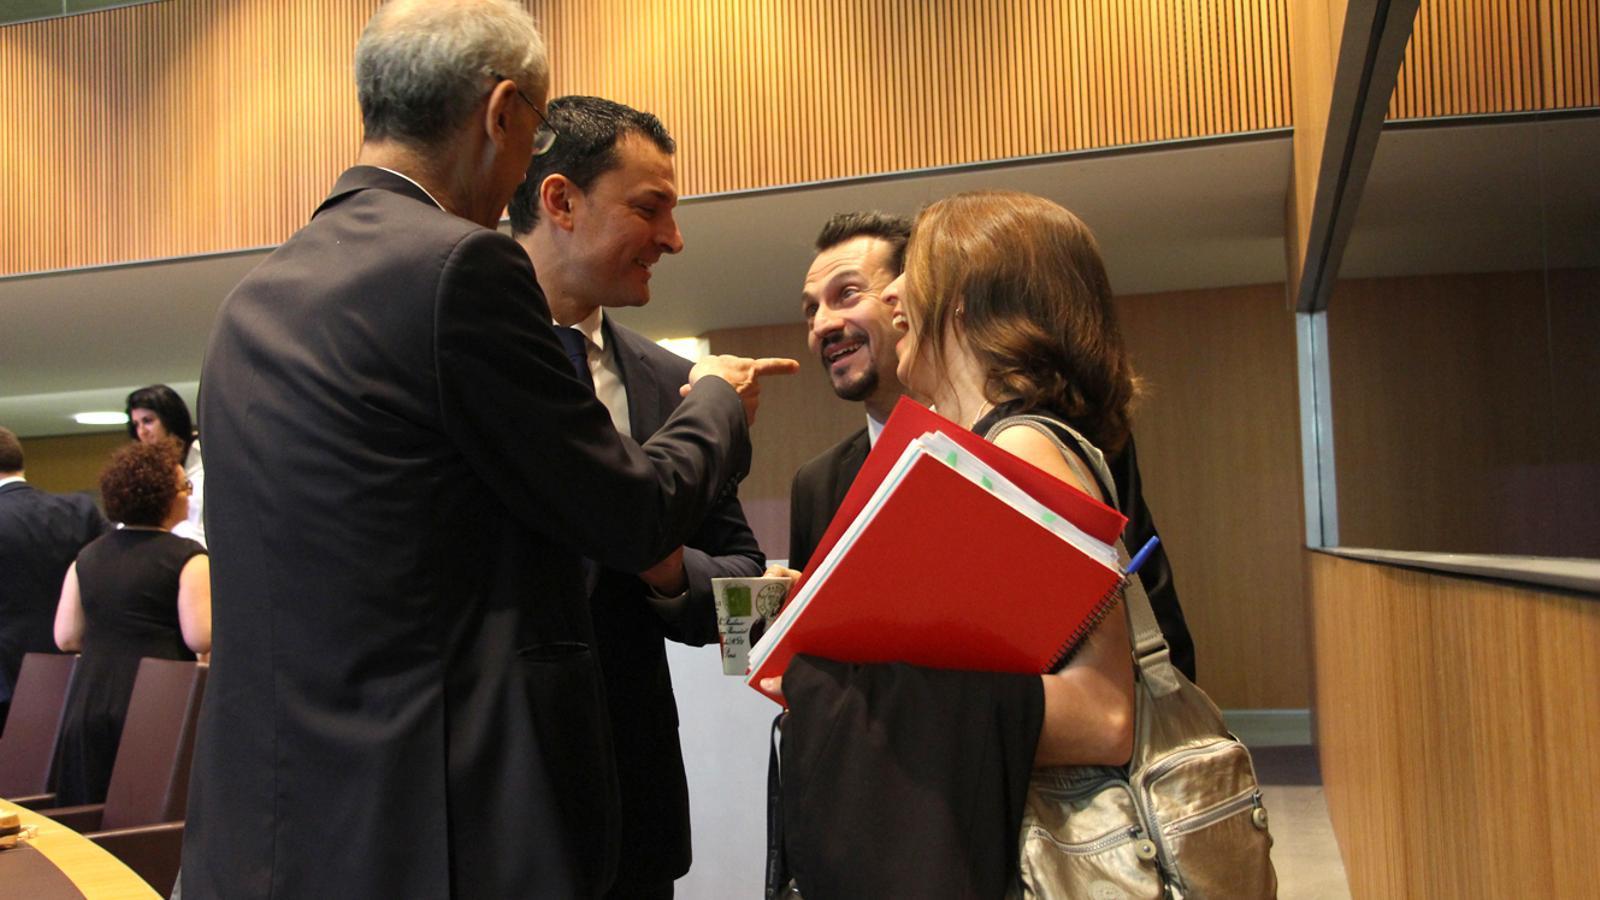 Toni Martí felicita liberals i socialdemòcrates per l'acord assolit. / M. T. (ANA)